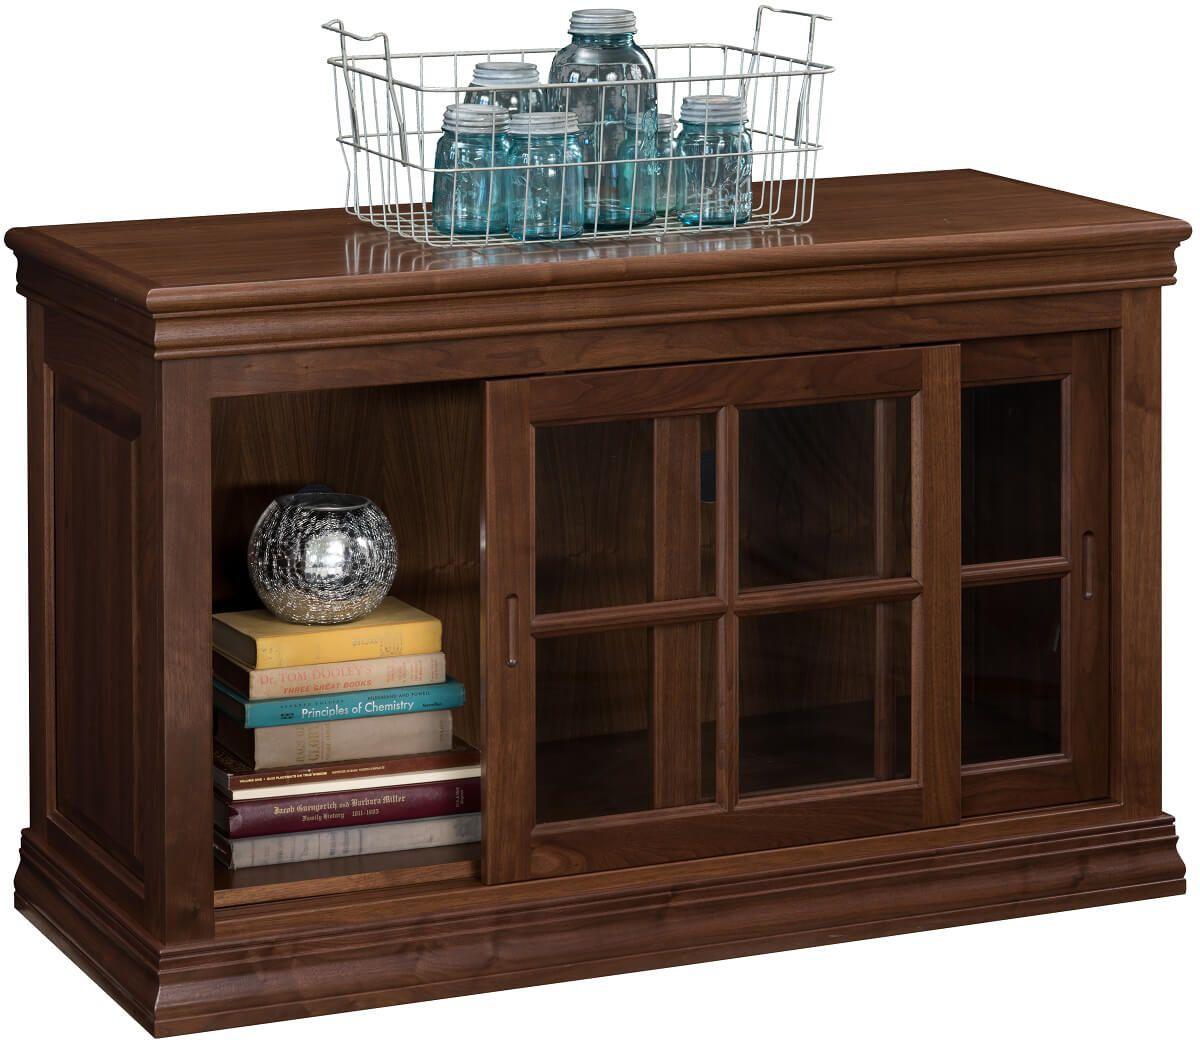 Ansonia Bookshelf Buffet